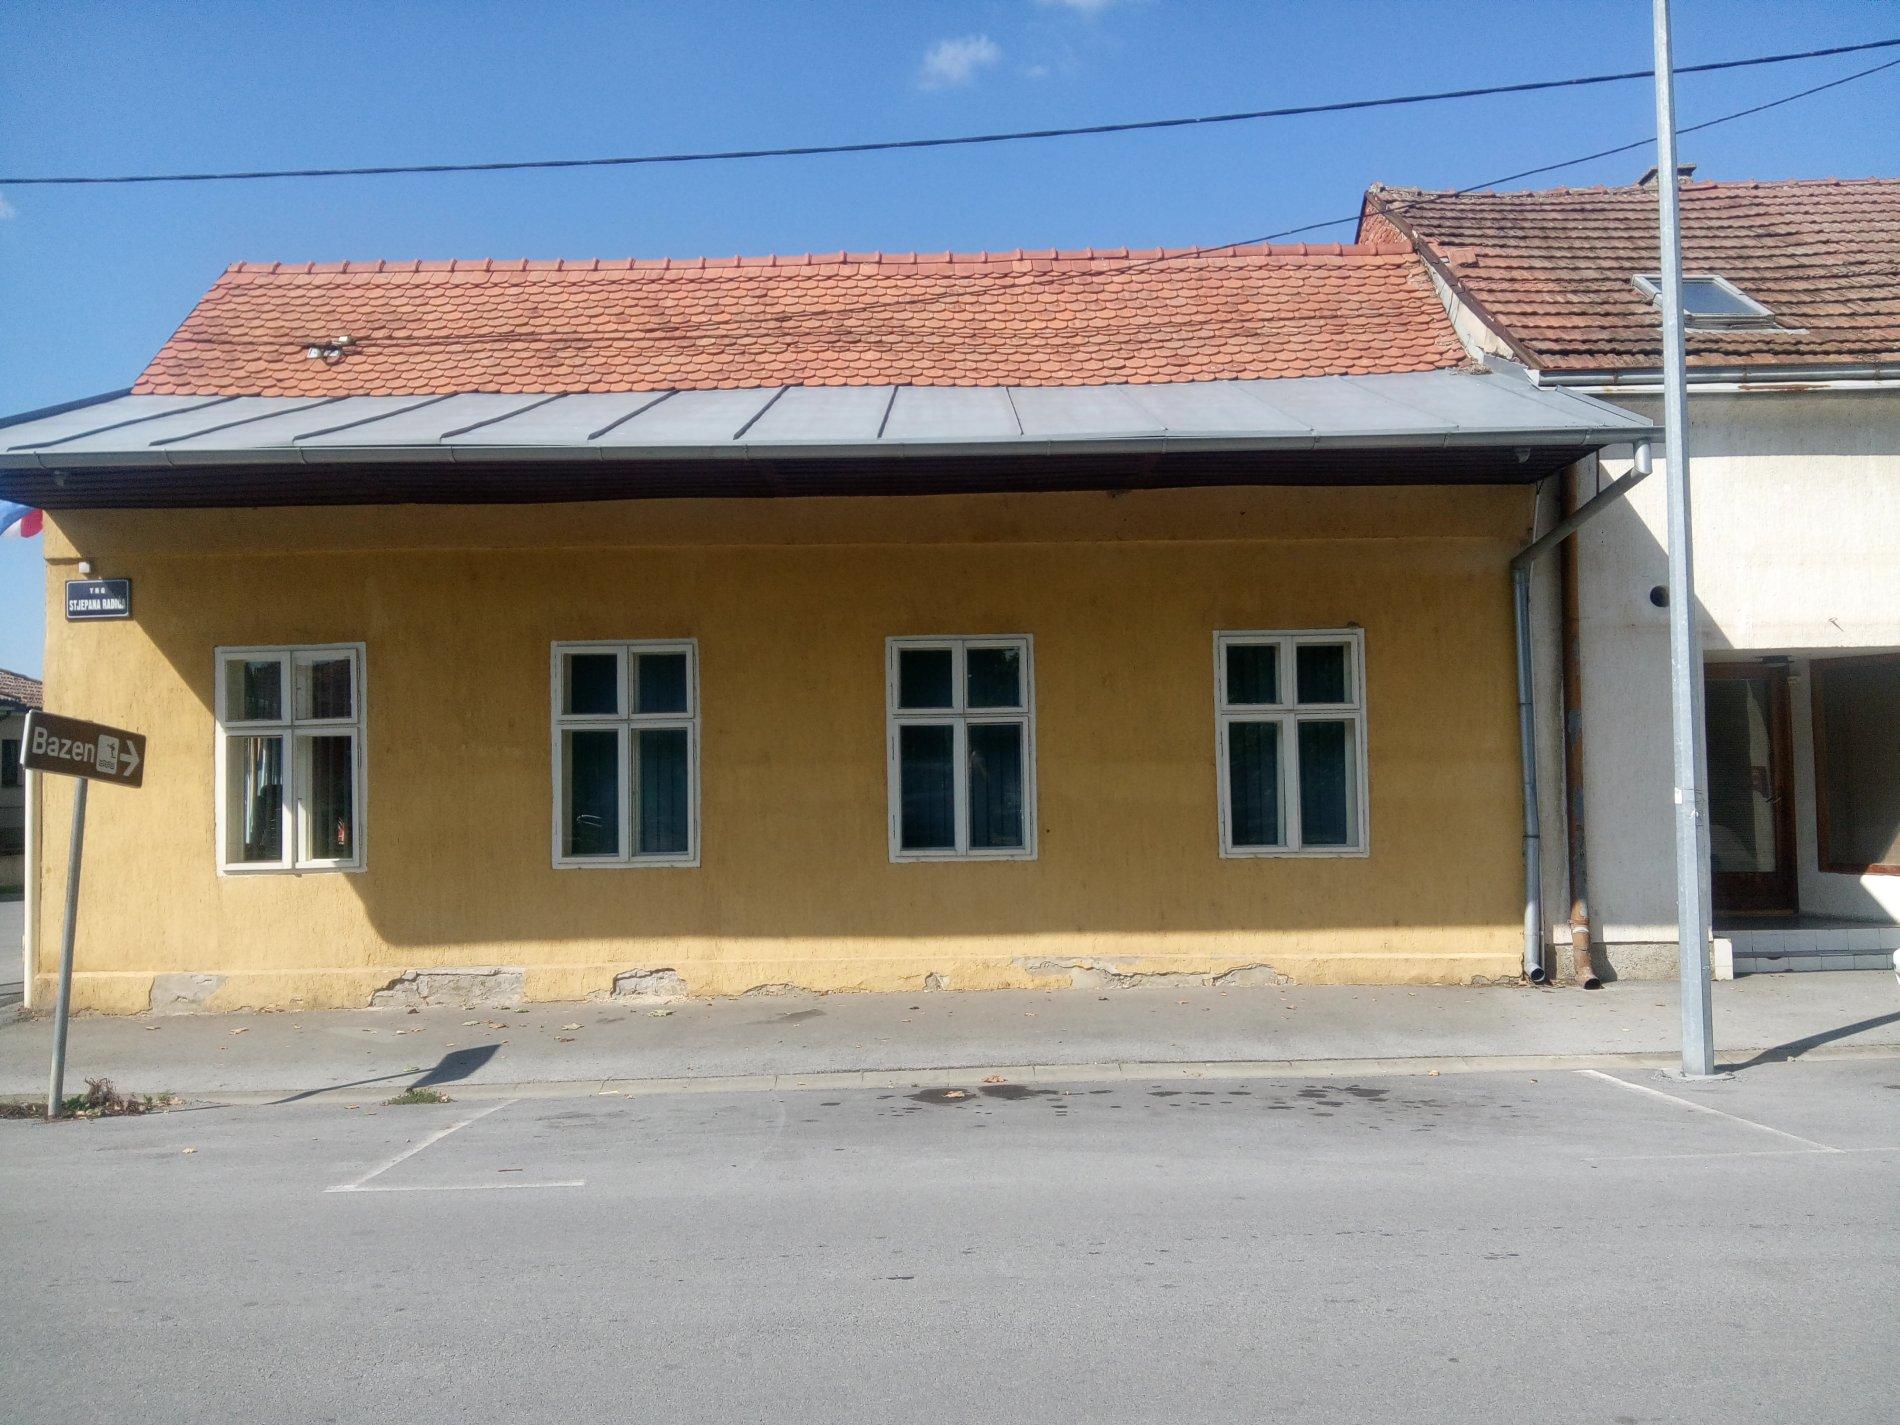 Poslovni prostori Grada Bjelovara - Trg Stjepana Radića 2b